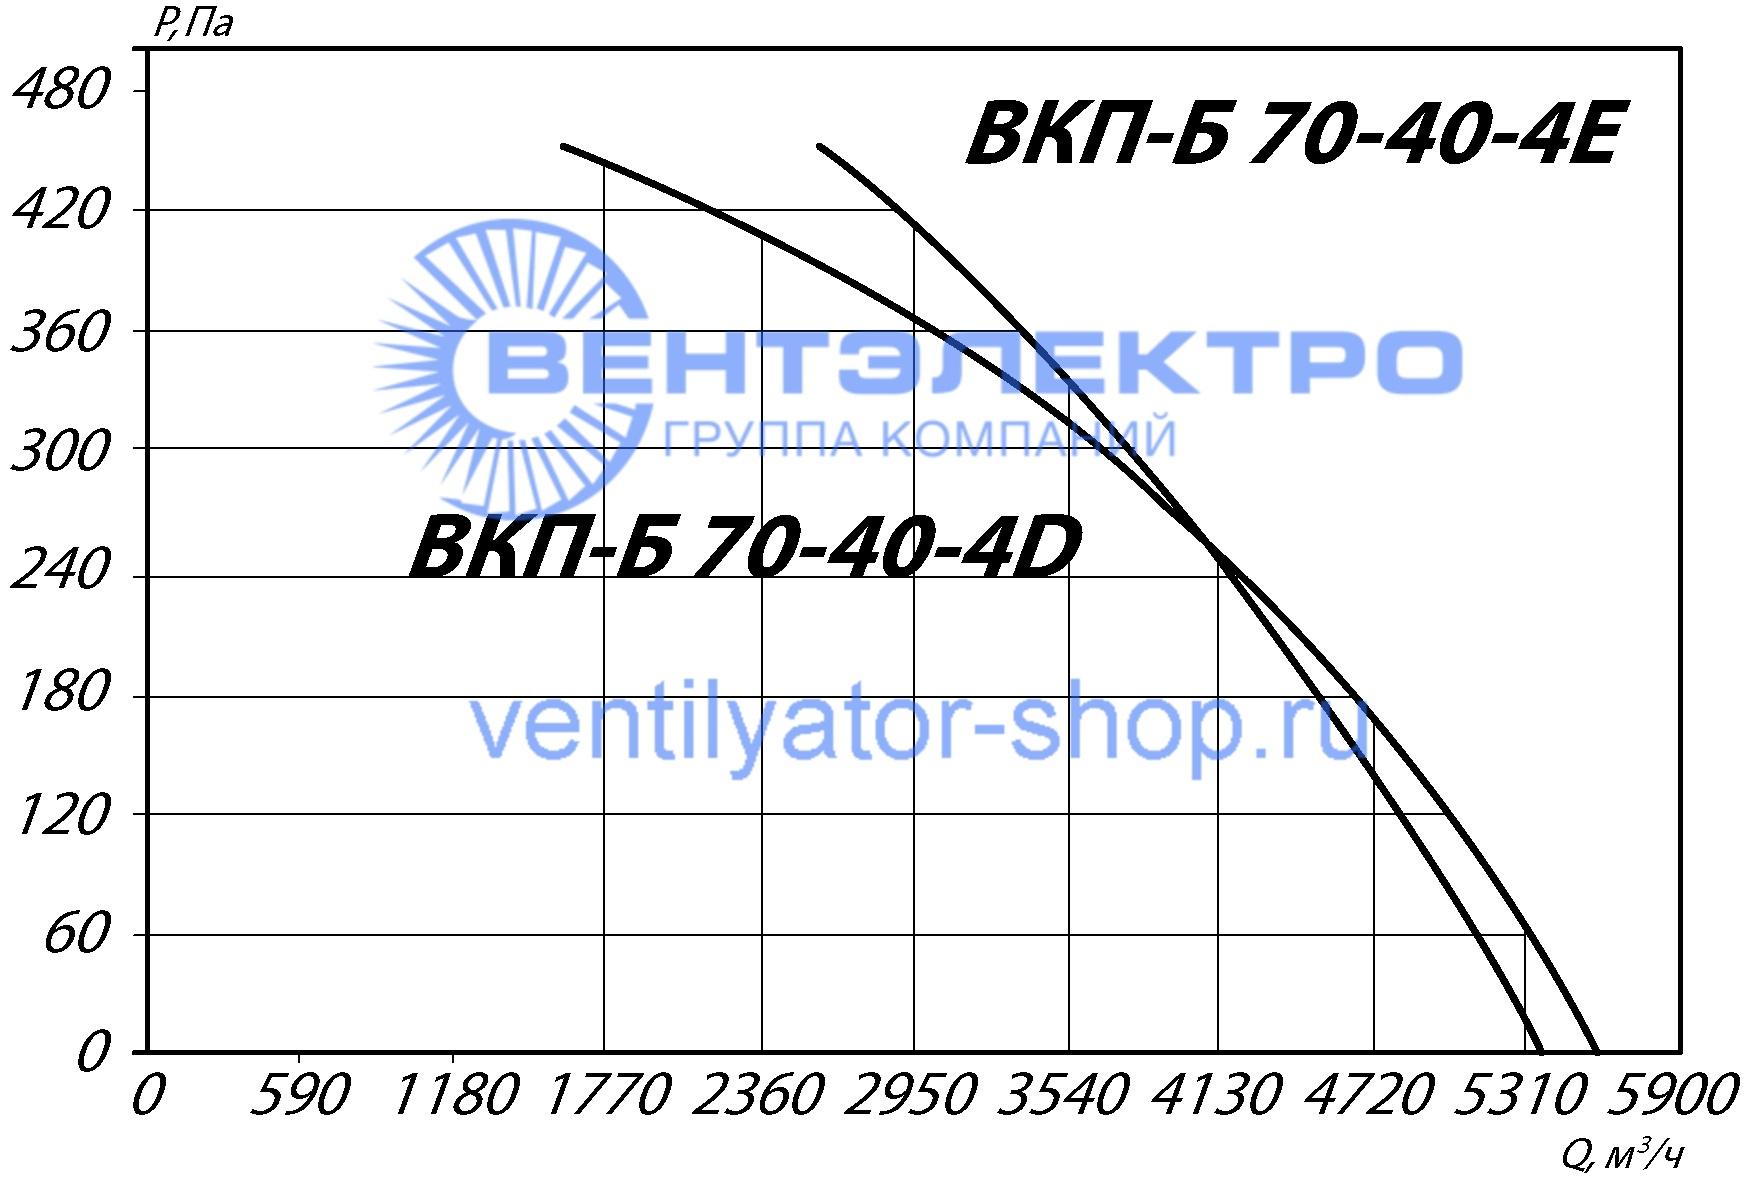 График аэродинамических характеристик ВКП-Б 70-40-4D